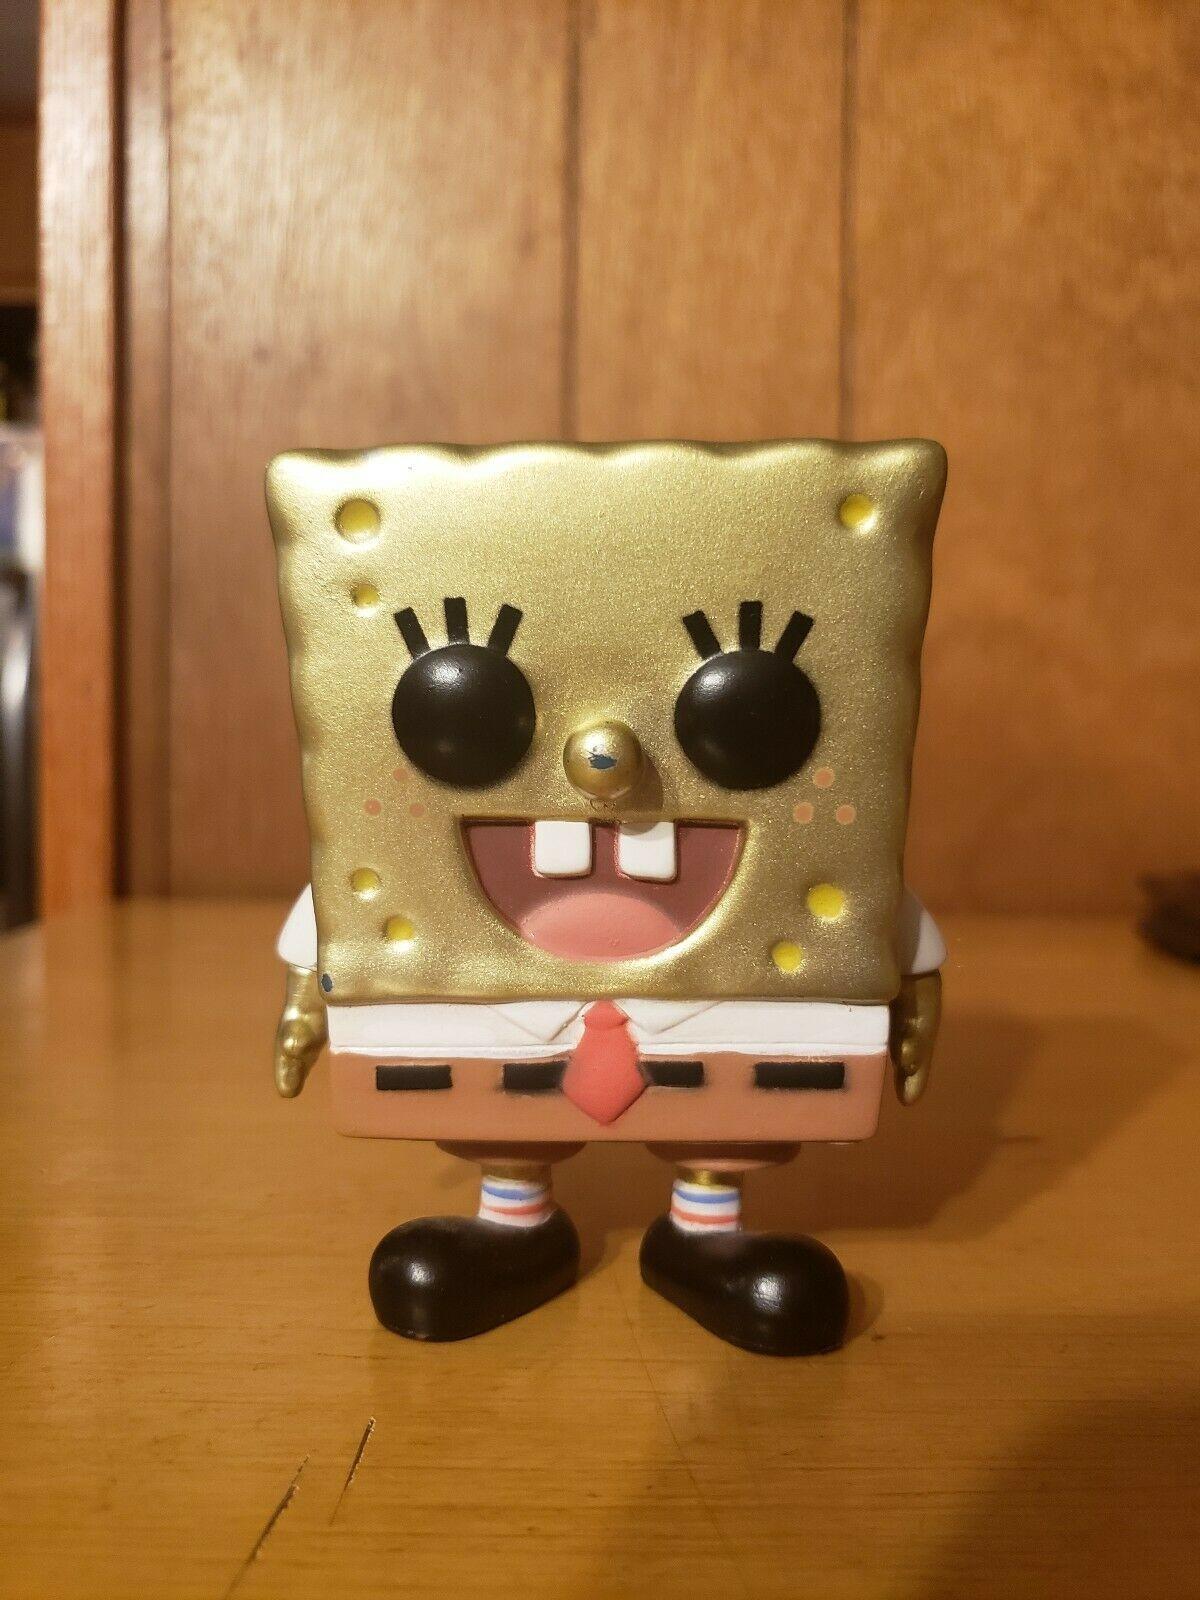 Metallic Spongebob Funko Pop